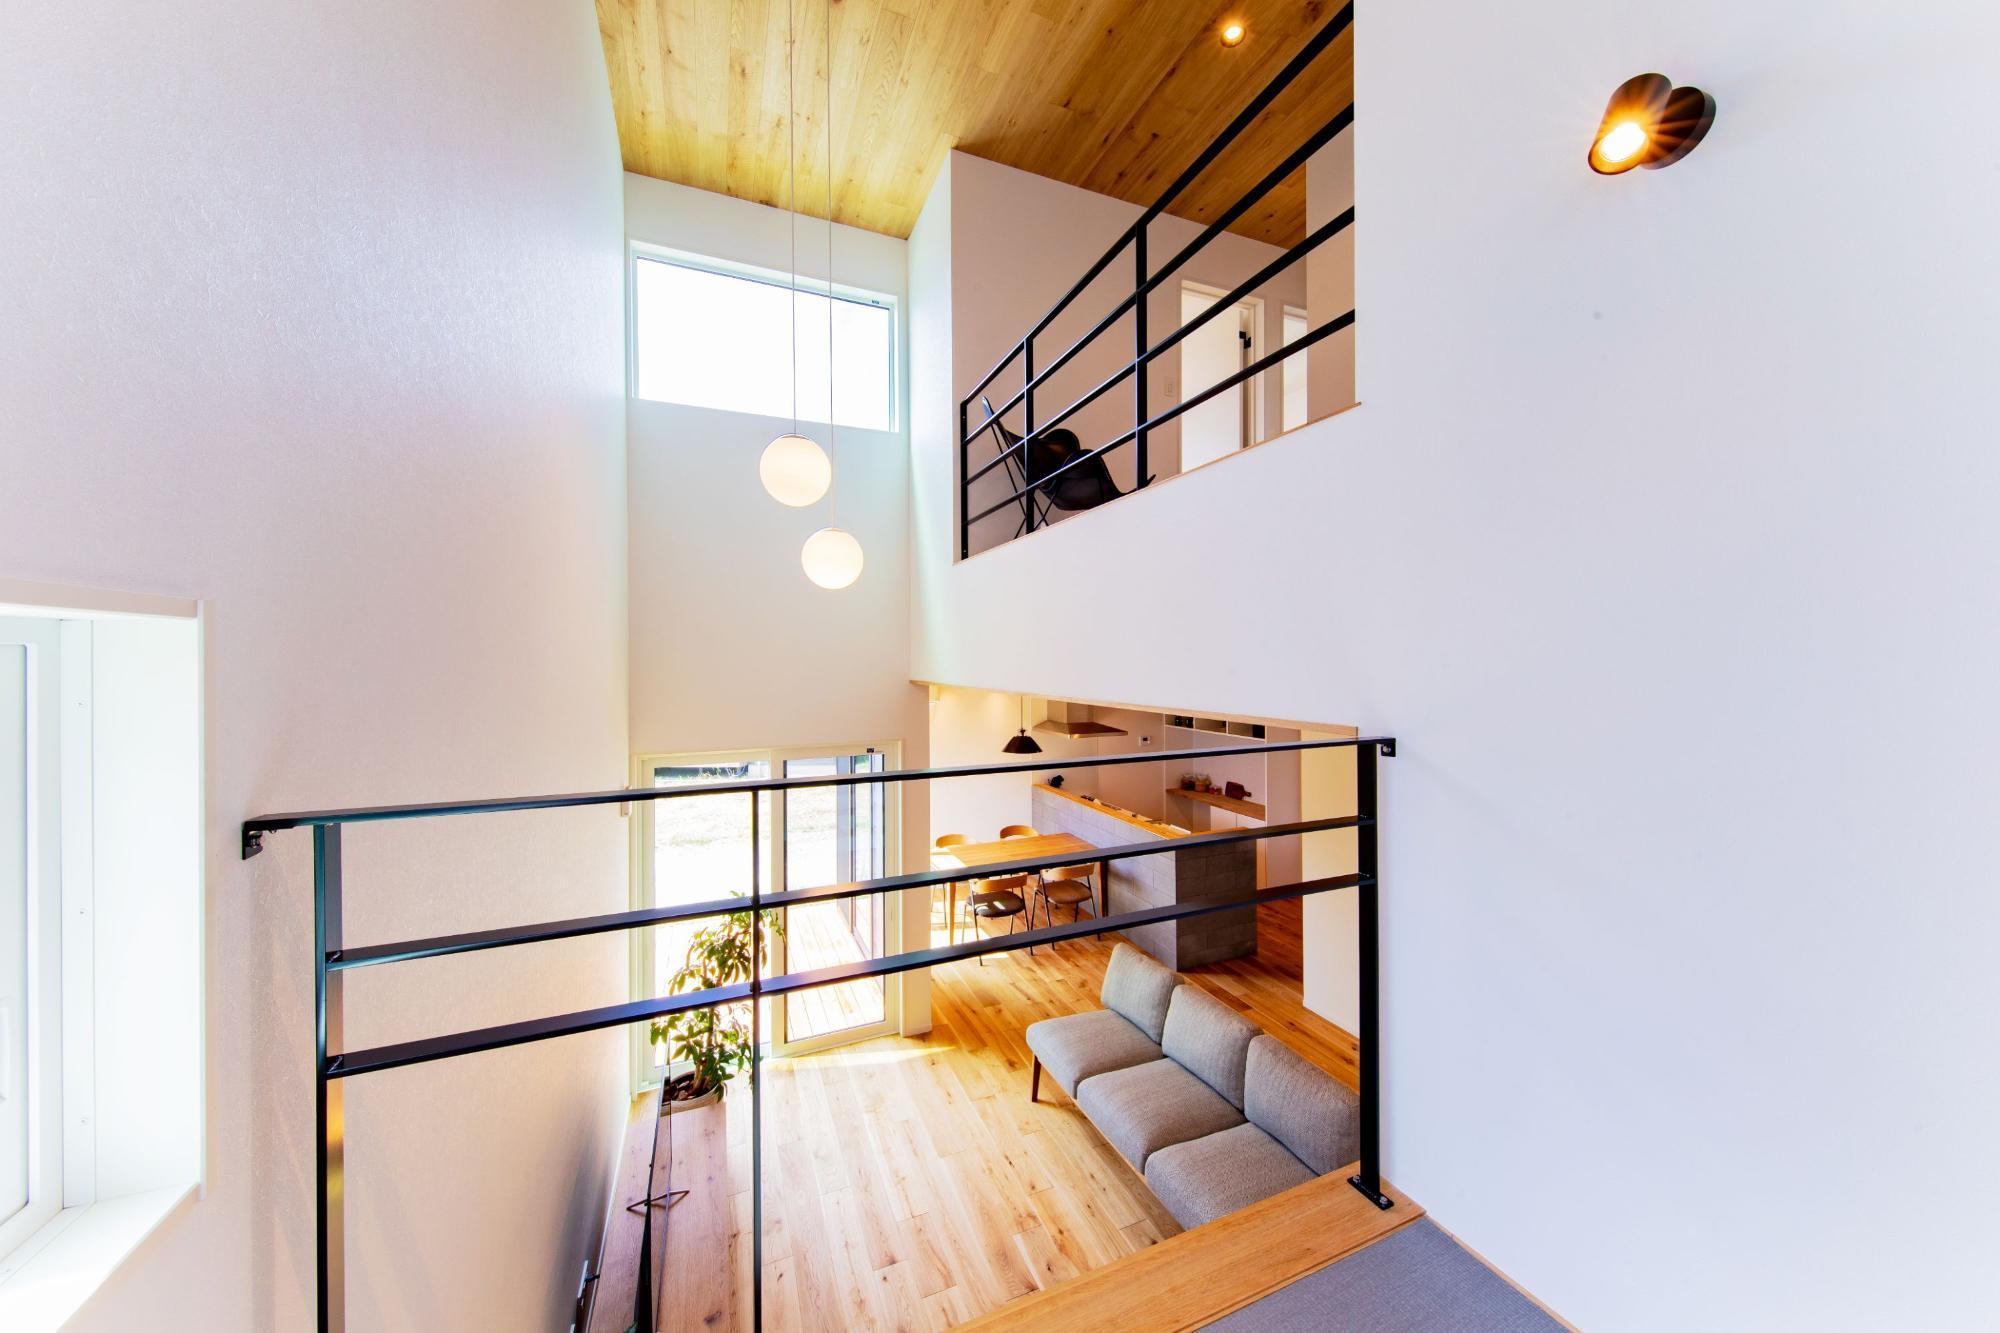 株式会社ゼロスタイル「吹き抜け×セメント×板張り」のシンプル・ナチュラル・モダン・自然素材なロフト・中二階の実例写真